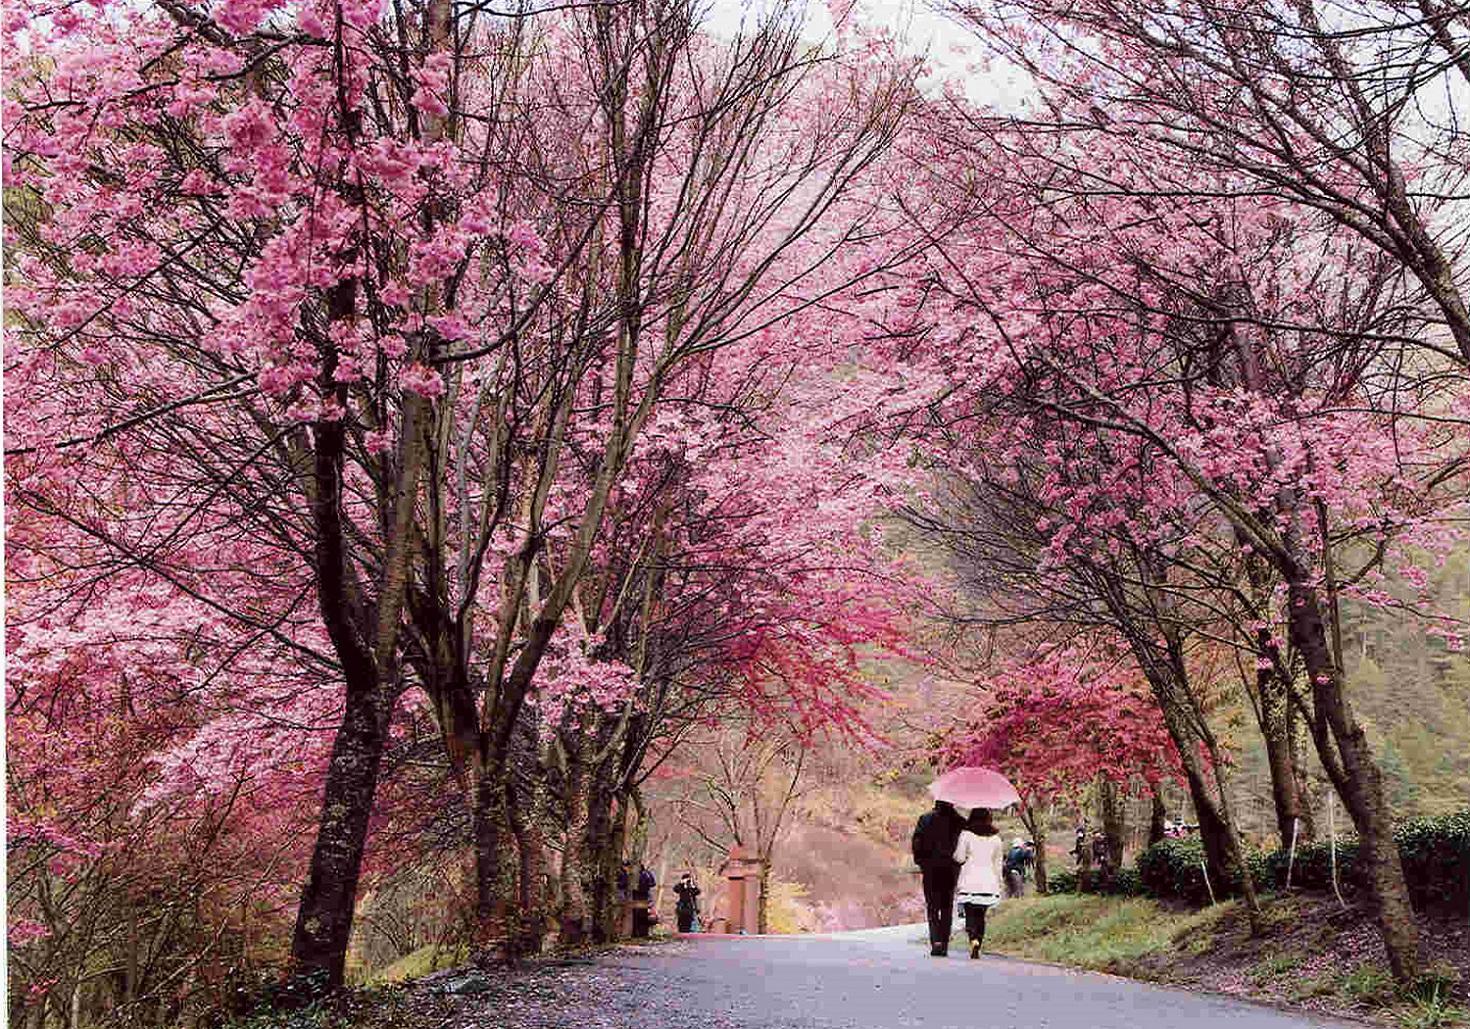 Nông trường Wuling tại Đài Trung là một trong những điểm ngắm hoa anh đào kinh điển trên đảo Đài Loan, với hơn 20.000 cây hoa. Bạn cũng có thể đến Khu giải trí Rừng Quốc gia Aowanda nằm phía sau hồ chứa Wanda, cách thị trấn Puli ở Natou một giờ lái xe để thưởng thức sắc hoa tuyệt đẹp. Ngoài hoa, bạn có thể nhìn thấy rất nhiều đàn bướm xuất hiện ở đây, cũng như ngắm cầu Aowanda hùng vĩ nối rừng thông với điểm giao nhau của hai dòng chảy phía bắc-nam của con sông cùng tên. Ảnh: CNA